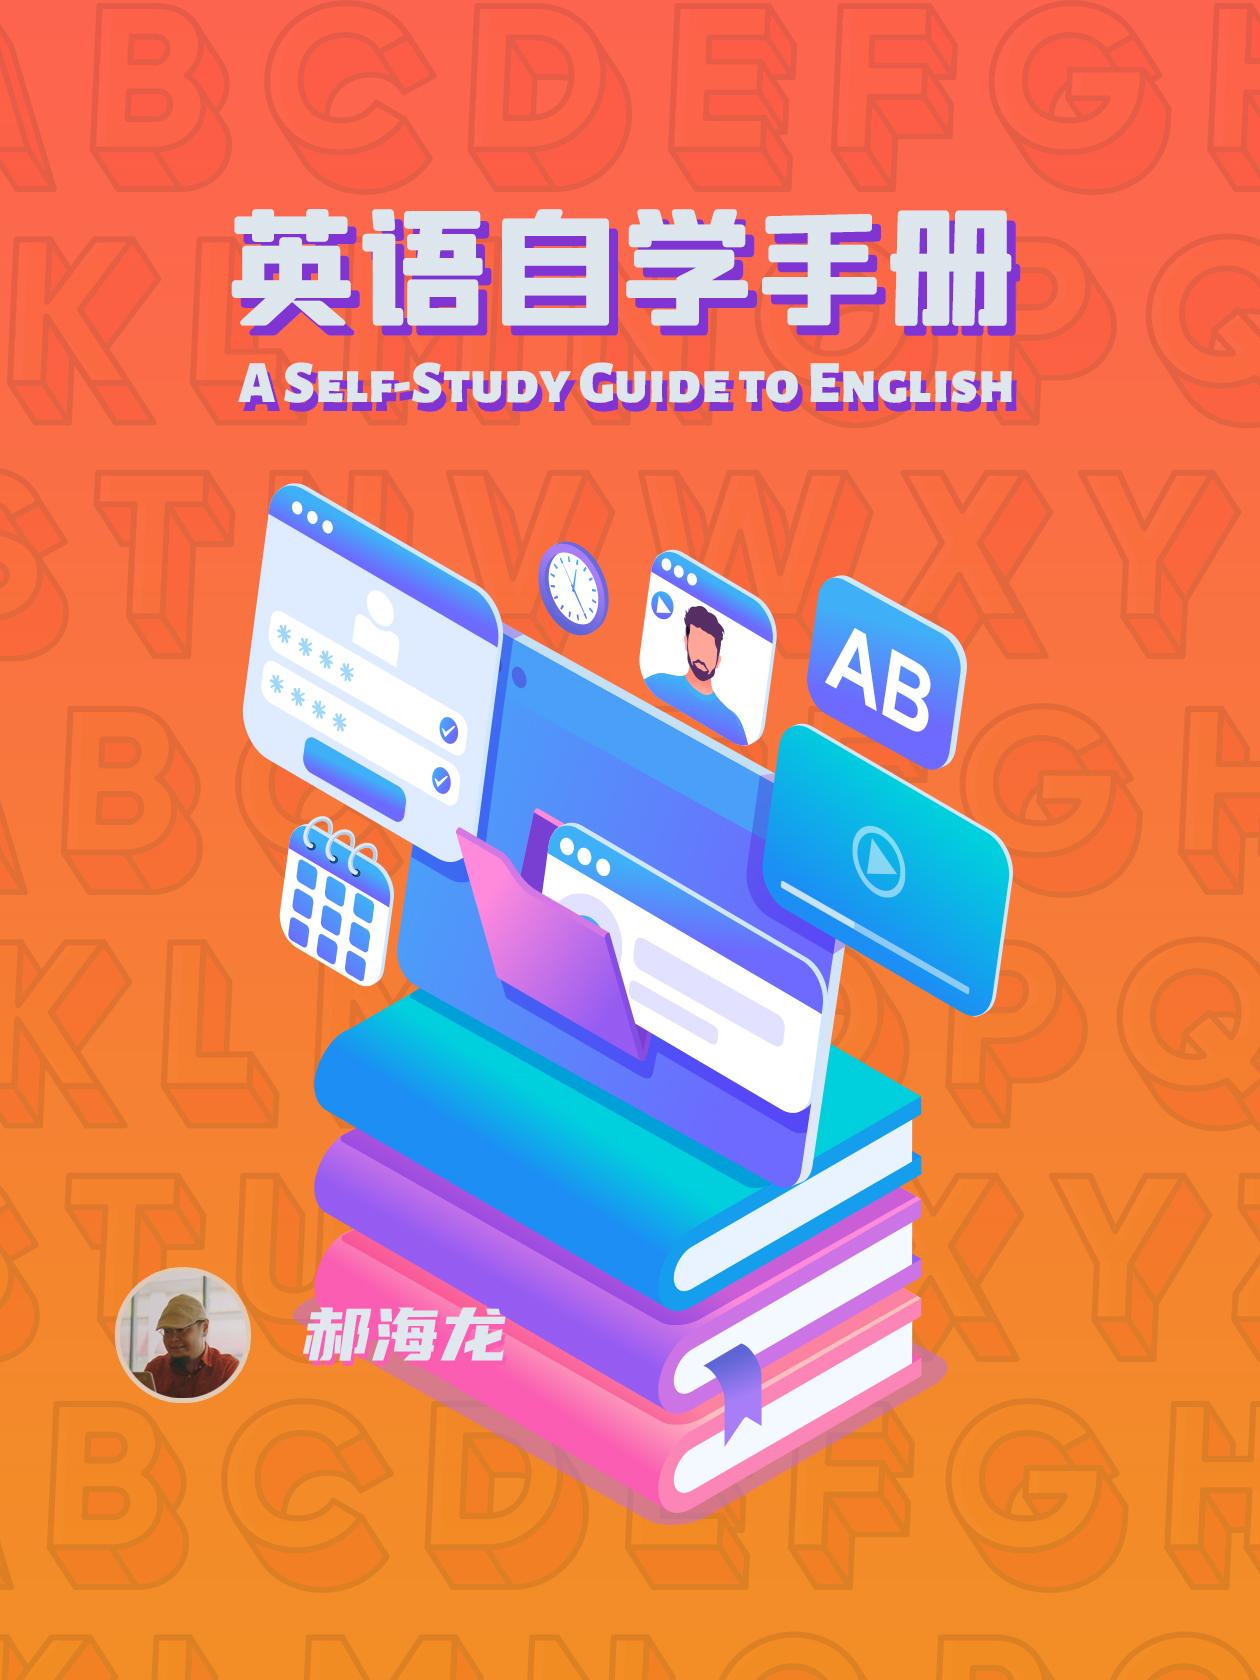 《英语自学手册》封面